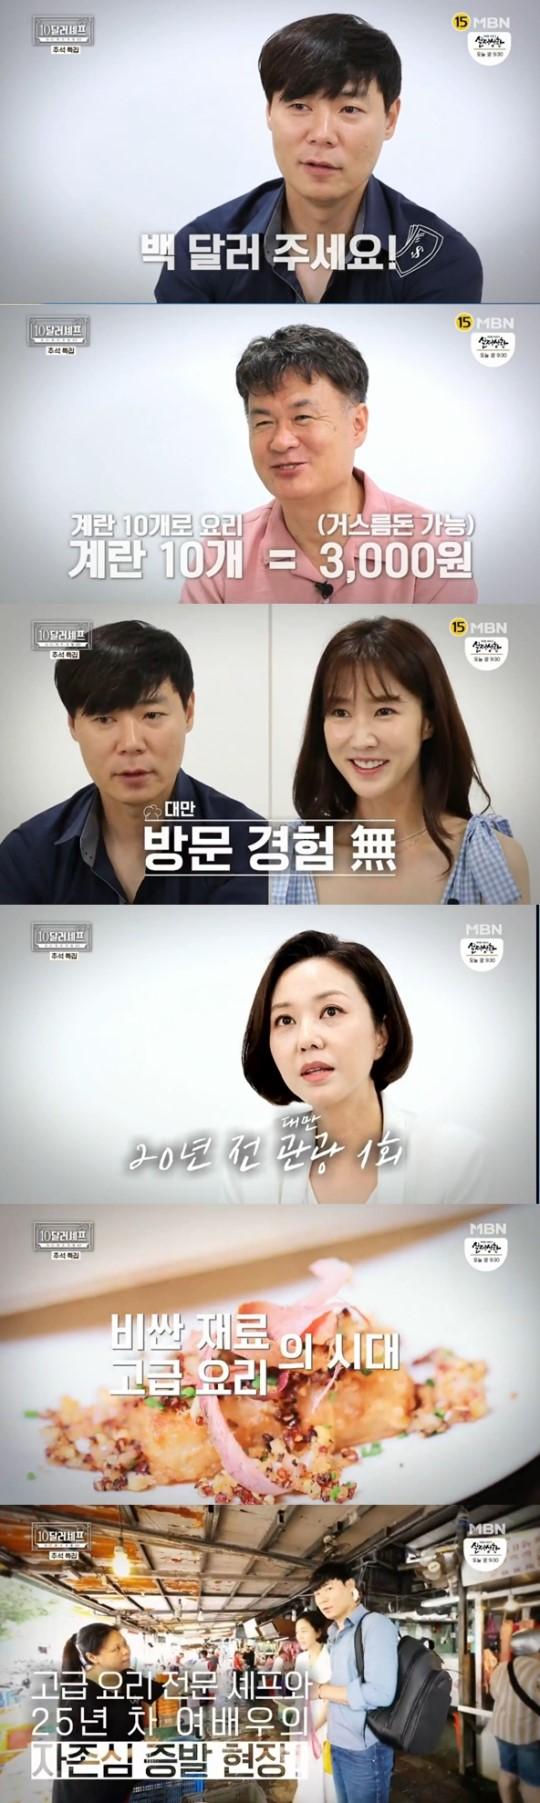 """최현석, '10달러 셰프' 제작진에 """"당혹... 백 달러 주세요"""""""